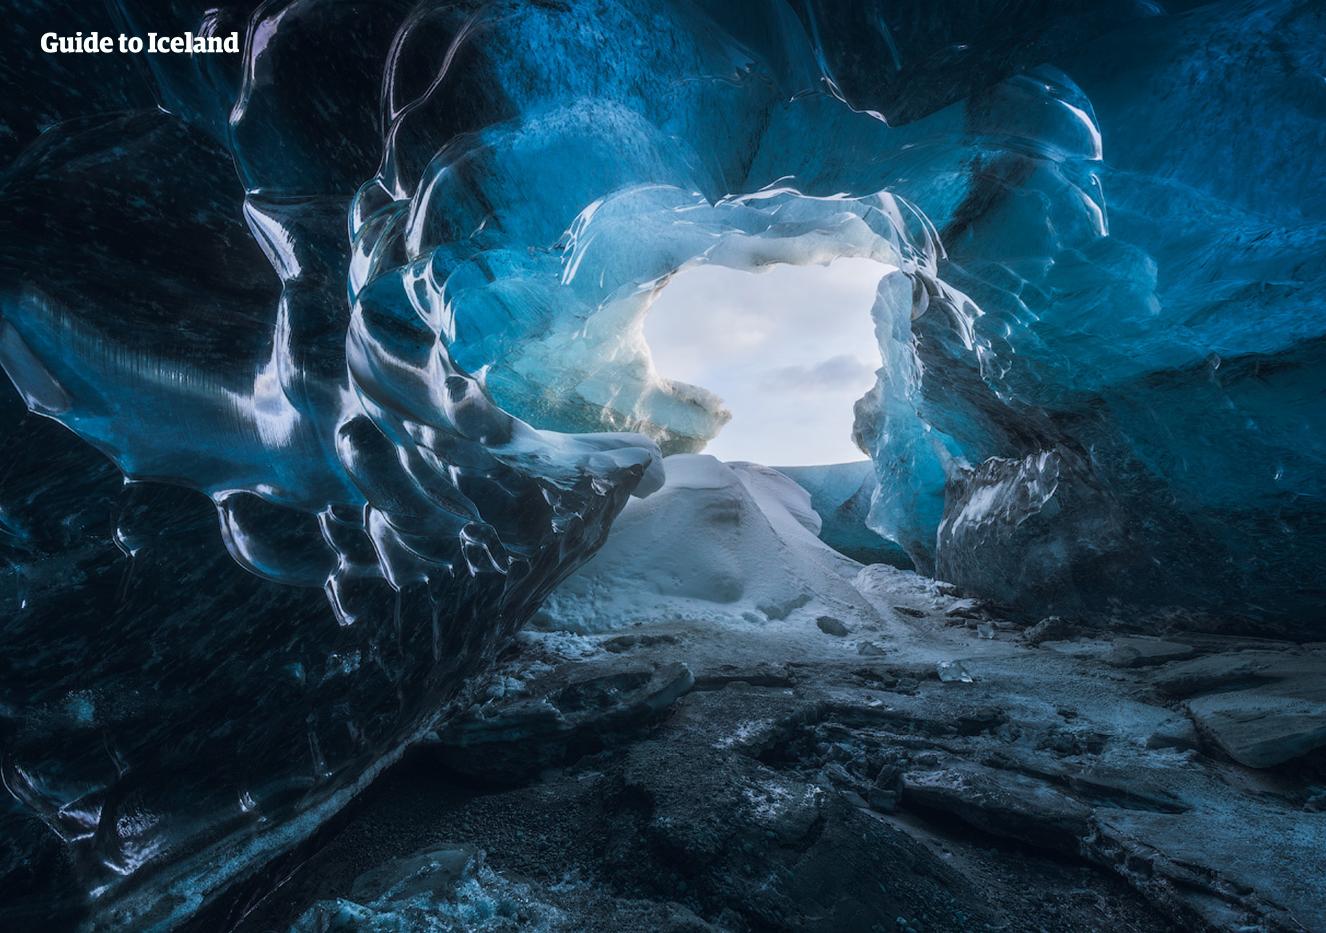 바트나요쿨 국립공원의 3대 겨울 명소; 얼음동굴, 요쿨살론 빙하 호수, 스카프타펠 자연보호구역!